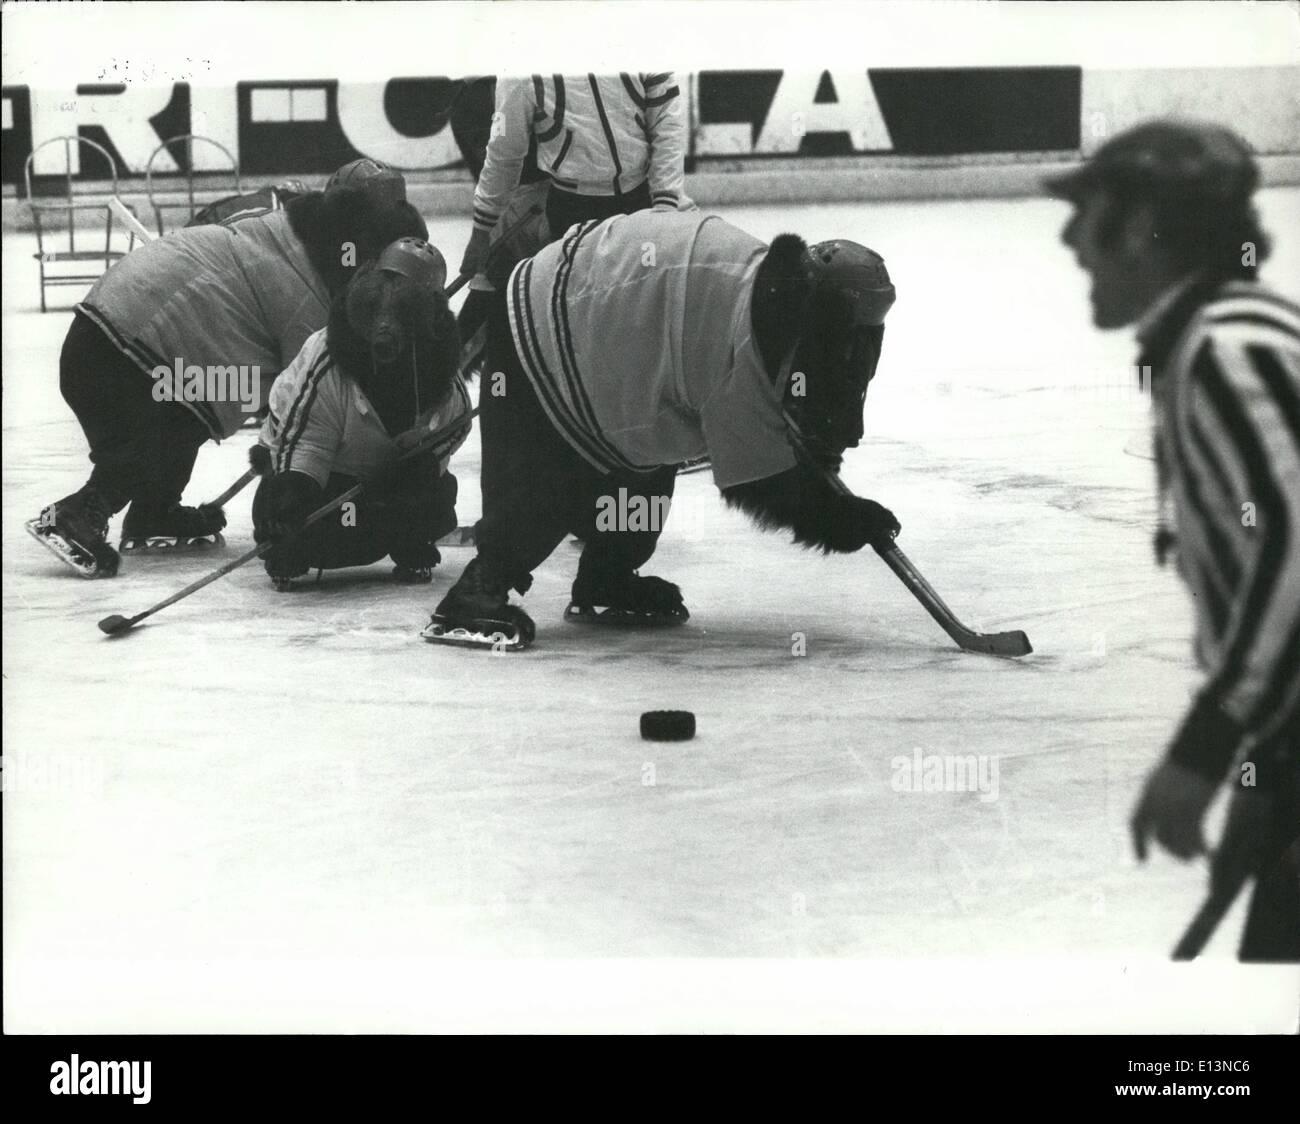 Mars 02, 2012 - Match de hockey sur glace avec une Differance: Un match de hockey sur glace avec une differance Photo Stock